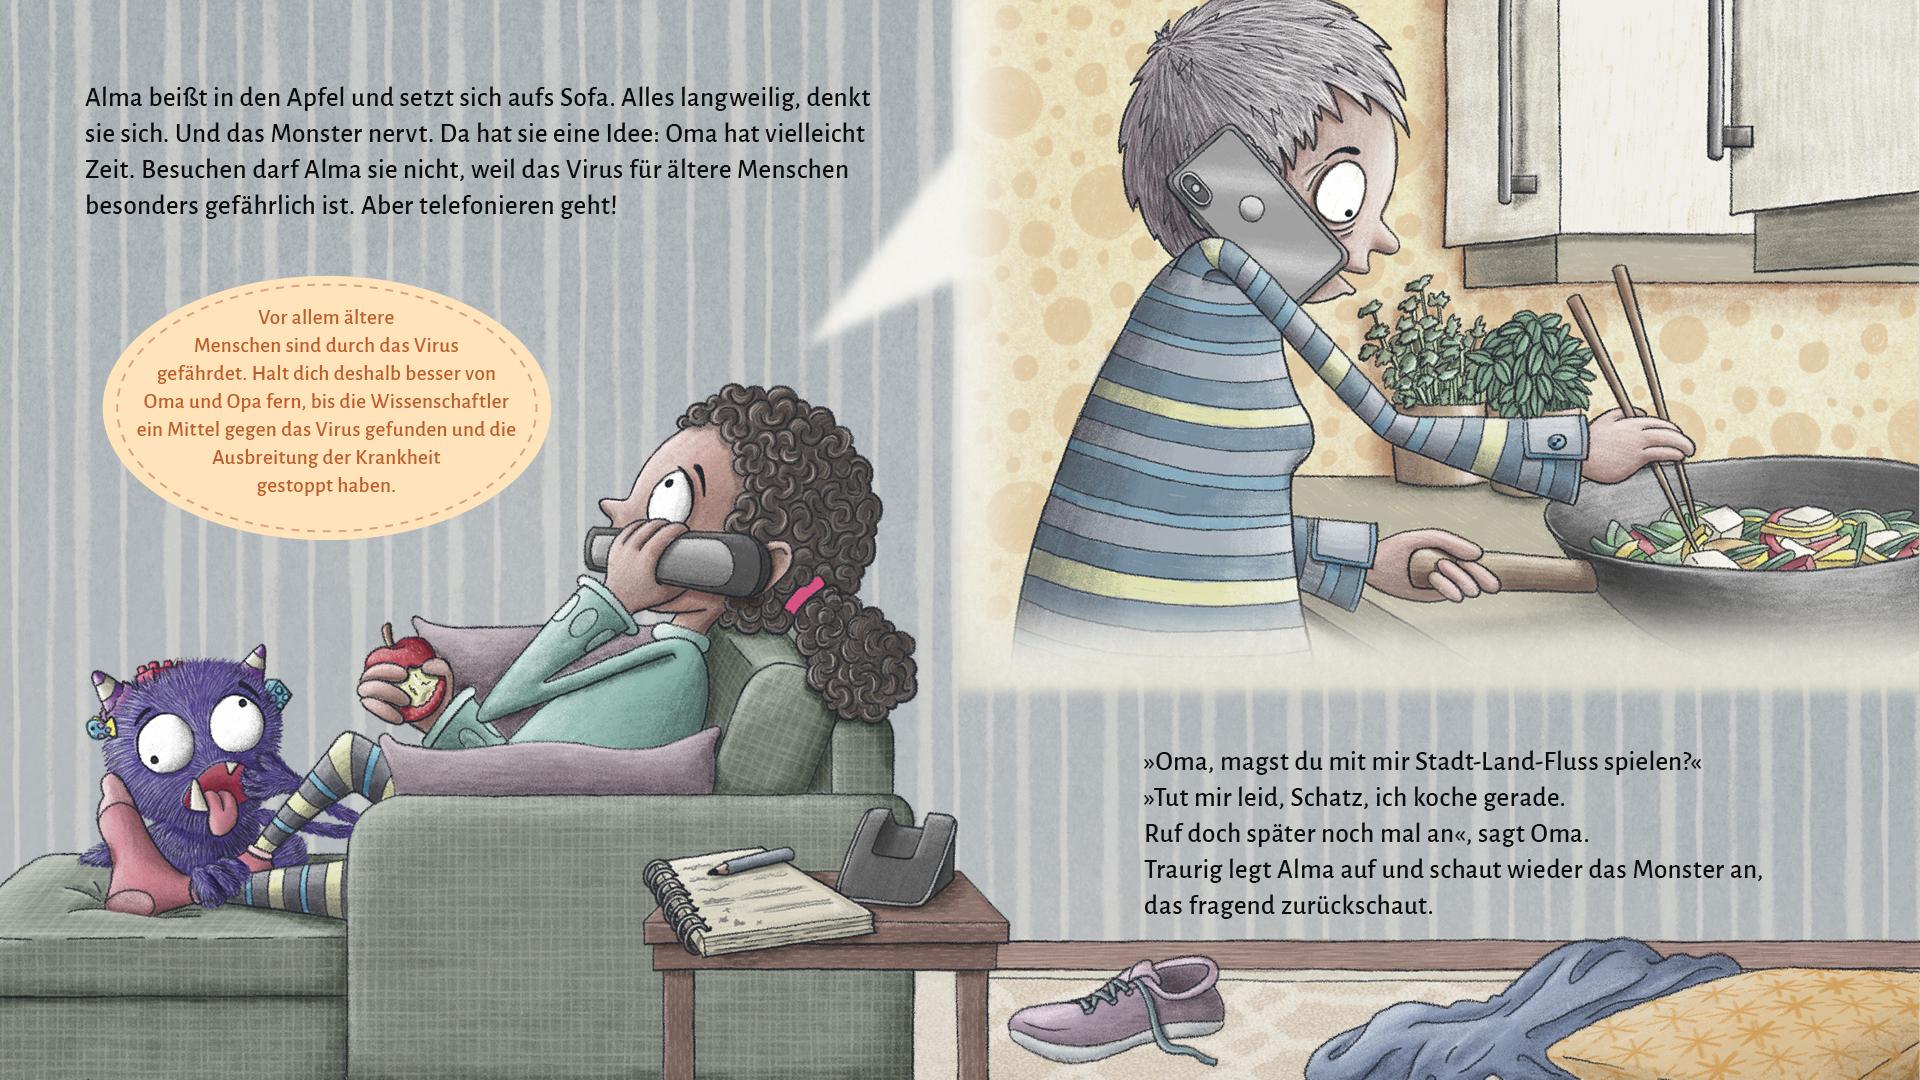 """Seite 13 - 14 """"Ich ruf Oma an."""""""